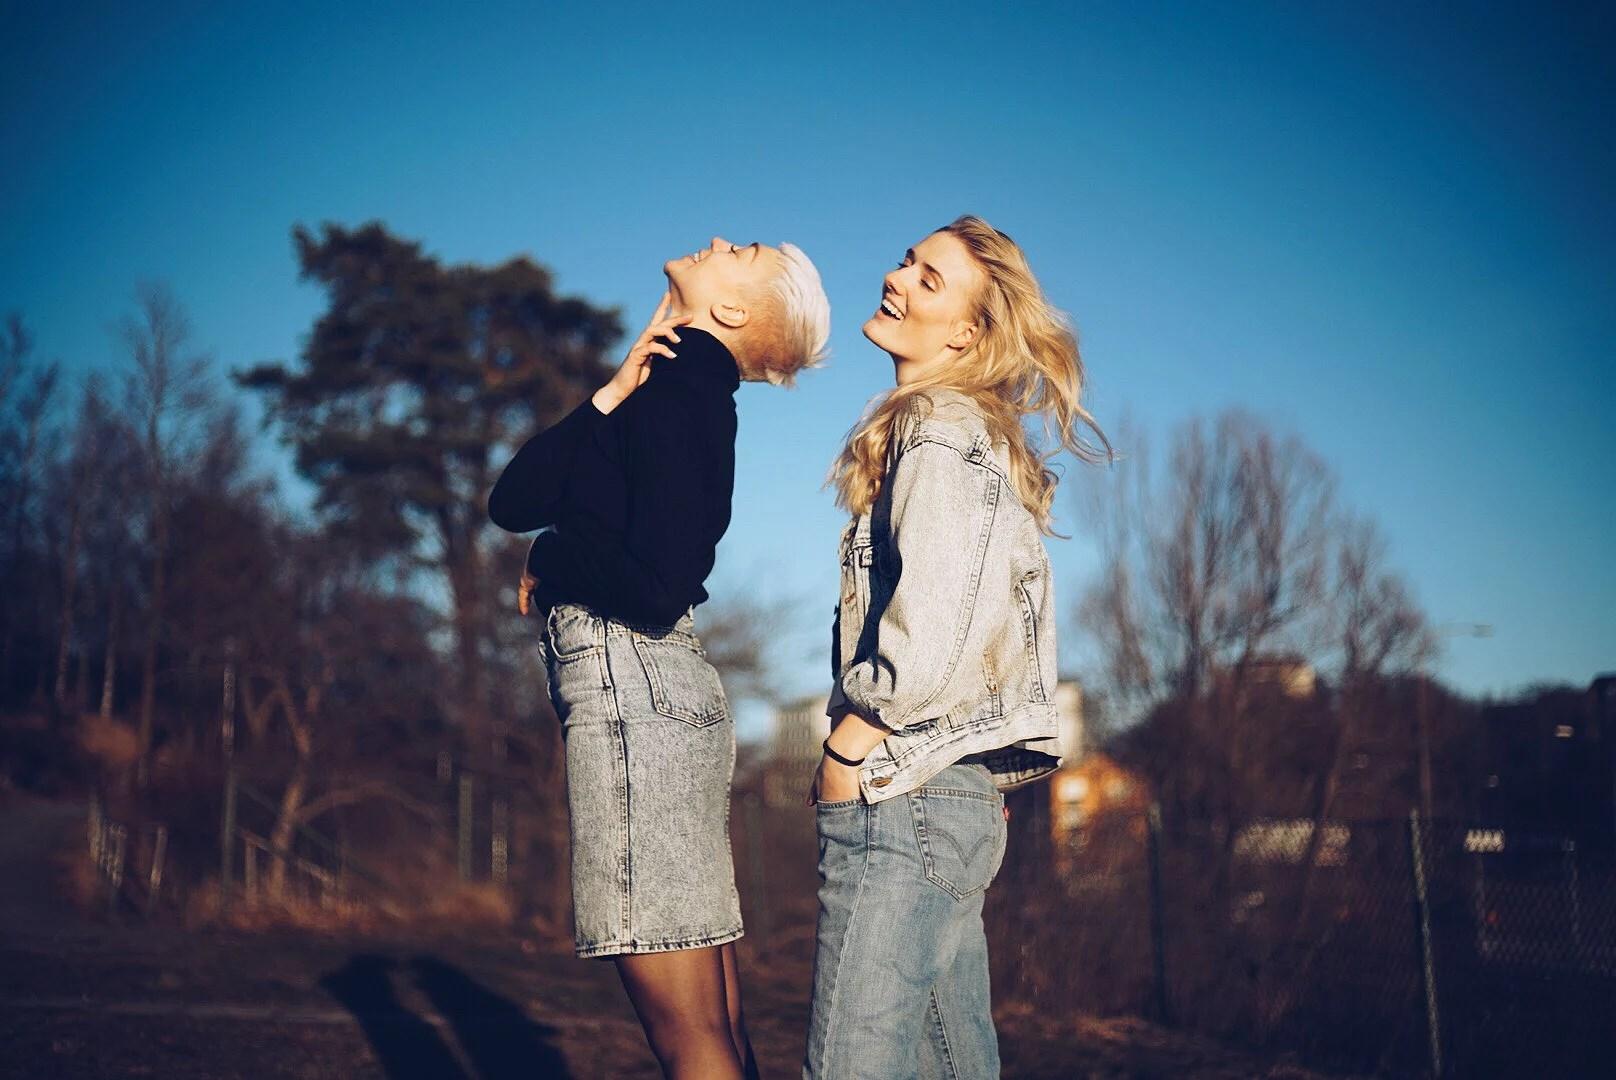 Photoshoot - Gul & Blå